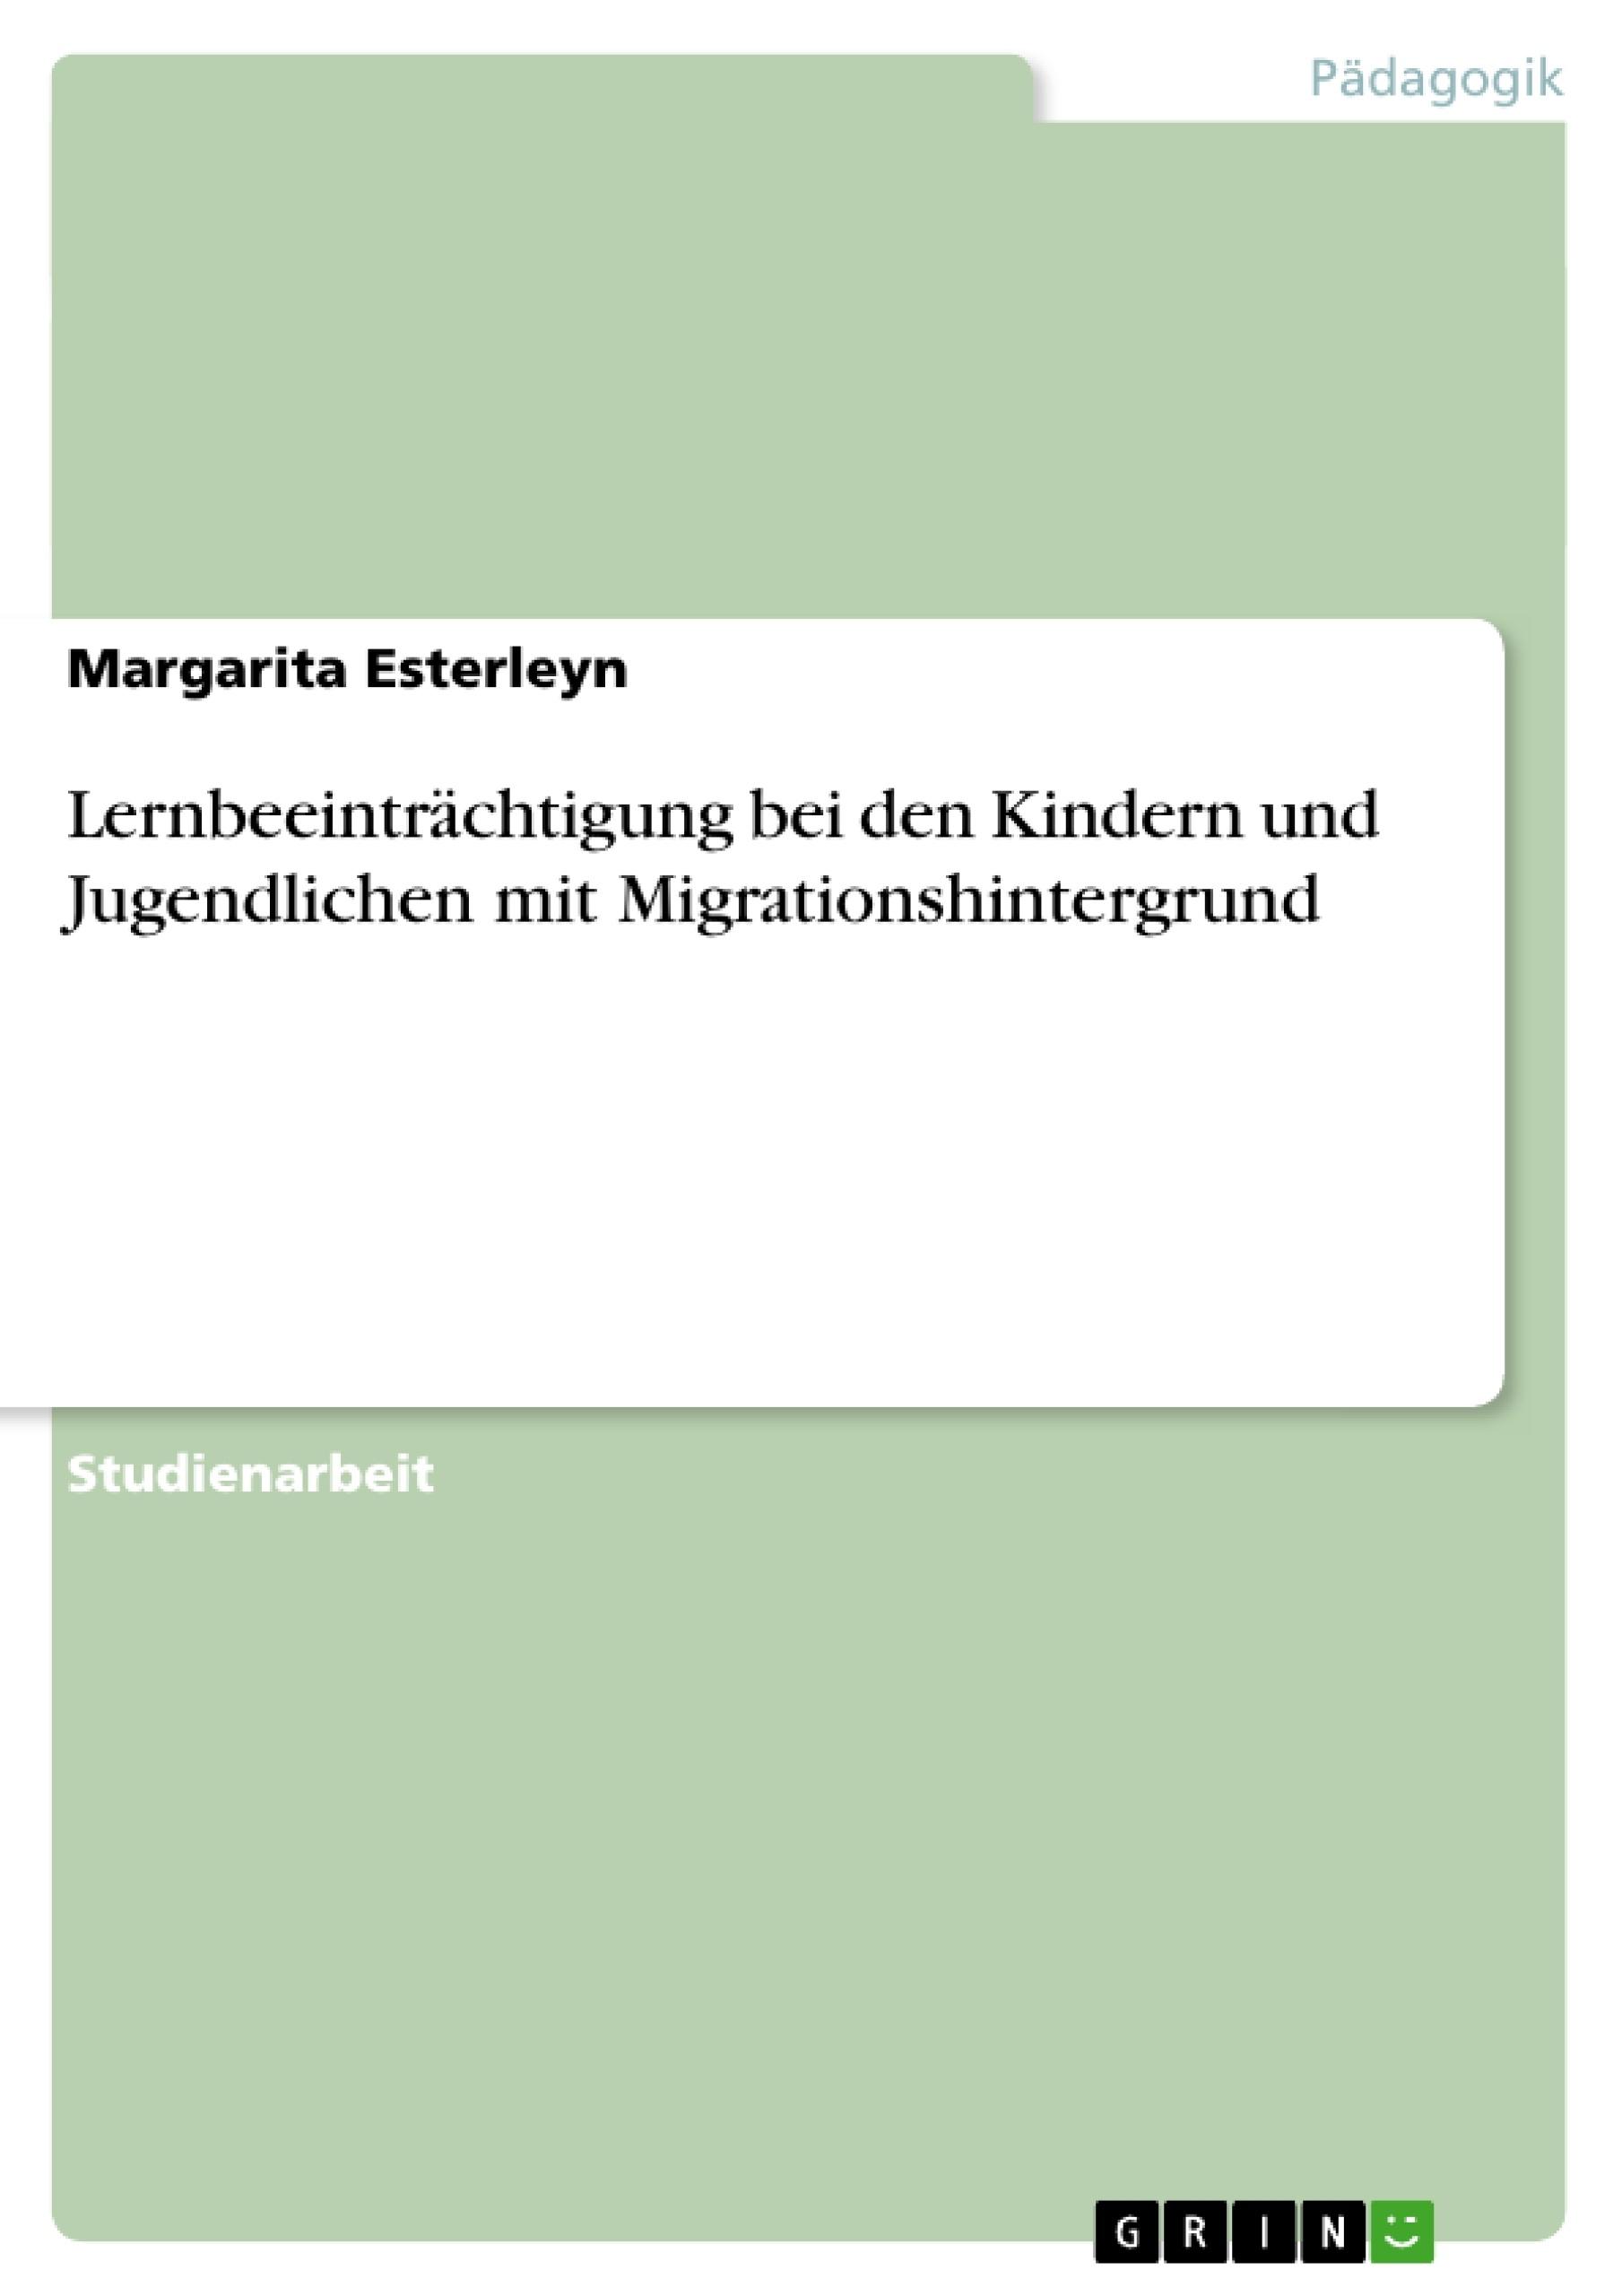 Titel: Lernbeeinträchtigung bei den Kindern und Jugendlichen mit Migrationshintergrund